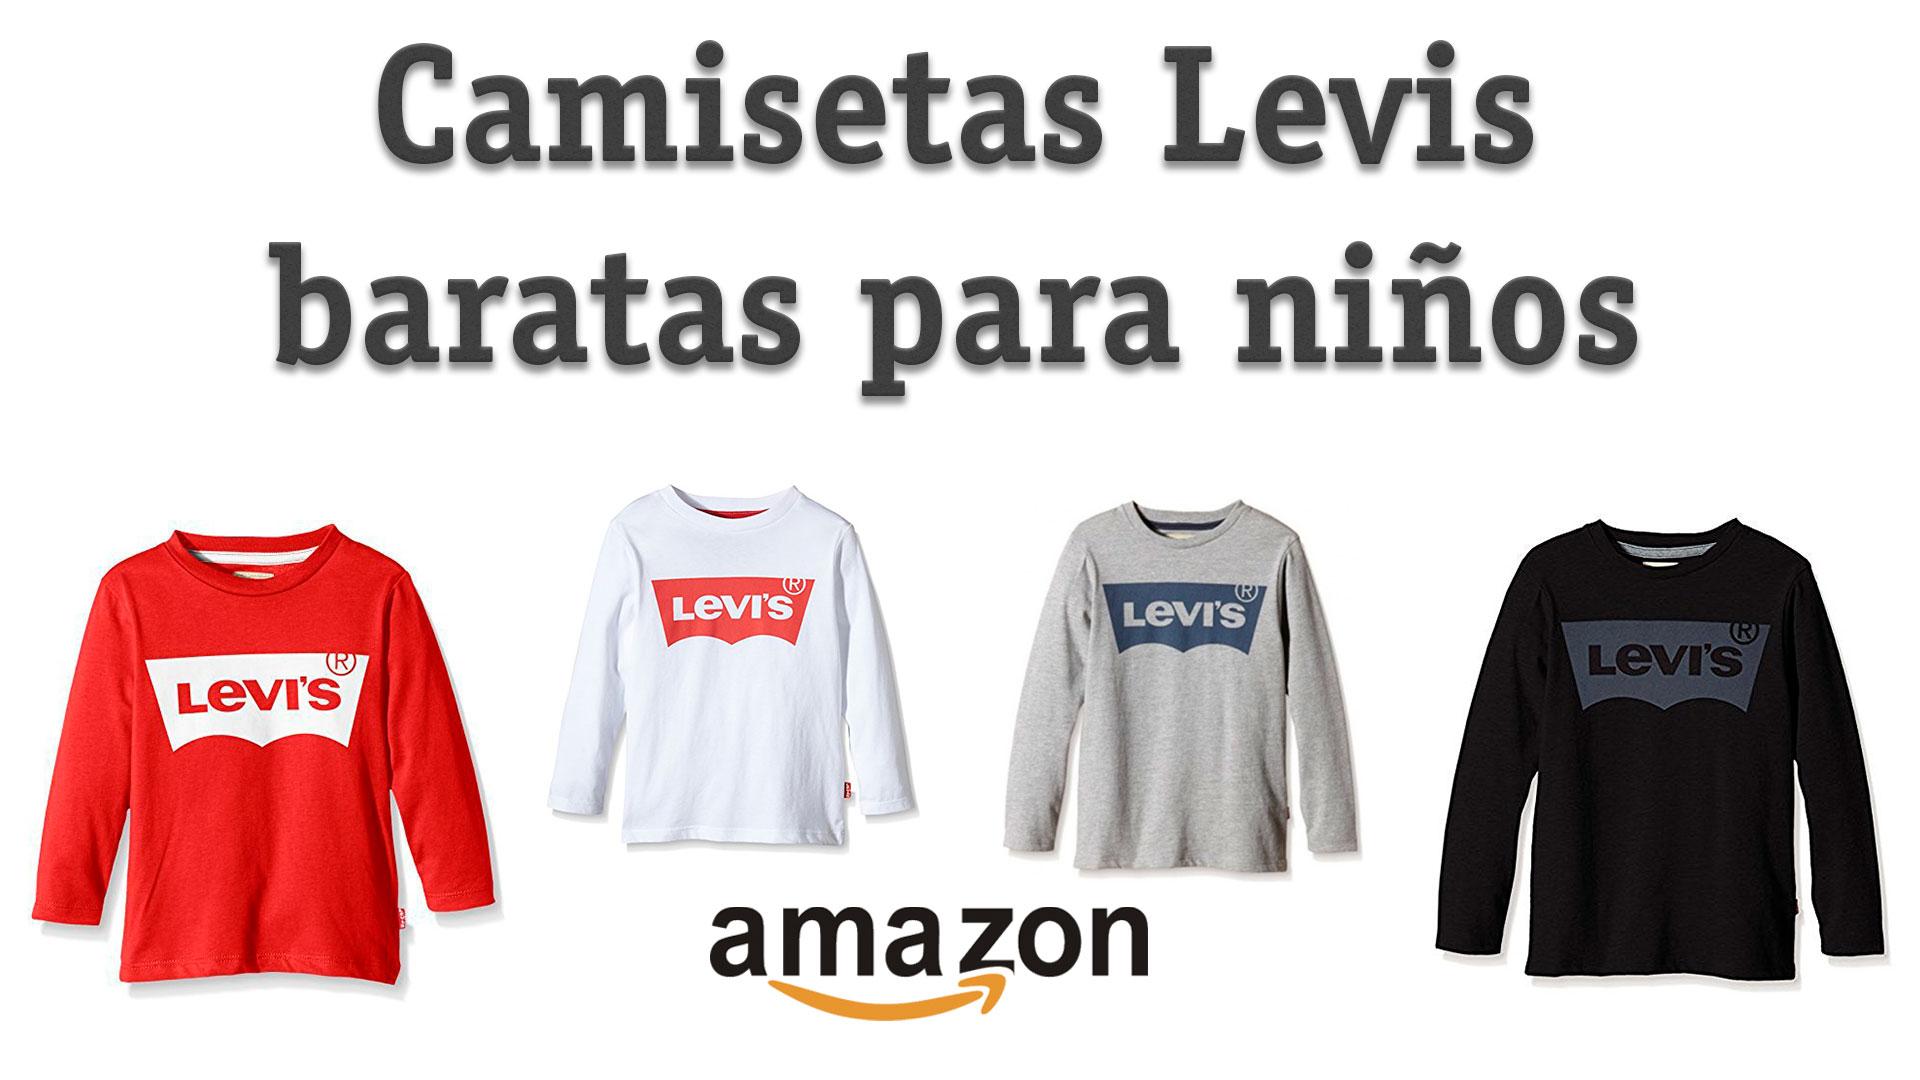 1191f8667 Camisetas Levis baratas para niños en Amazon 13